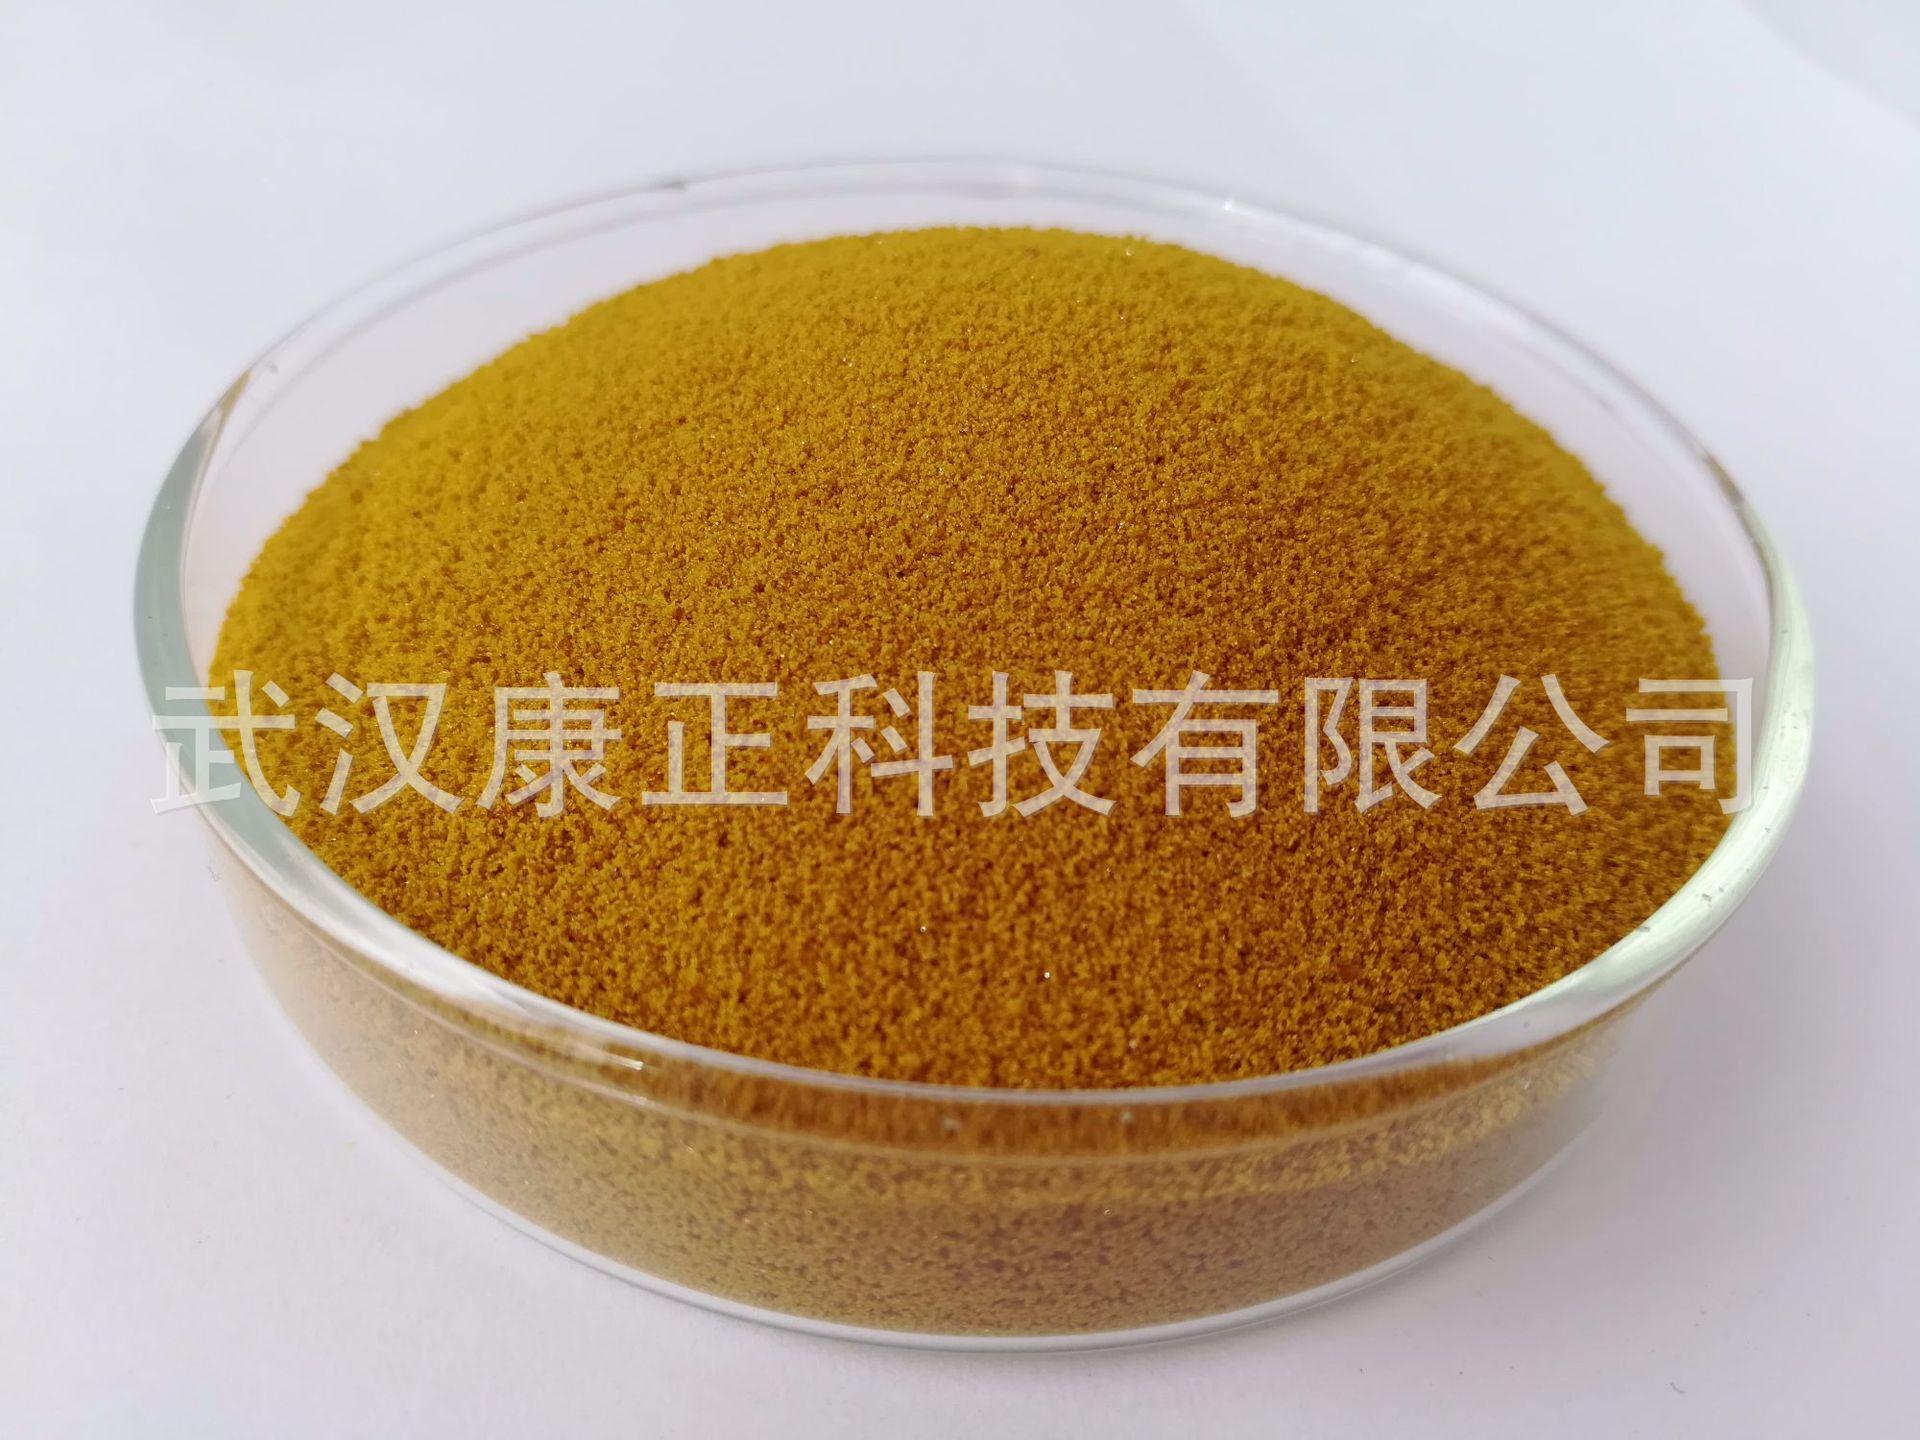 乙二胺四乙酸铁钠盐(EDTA-Fe-13)